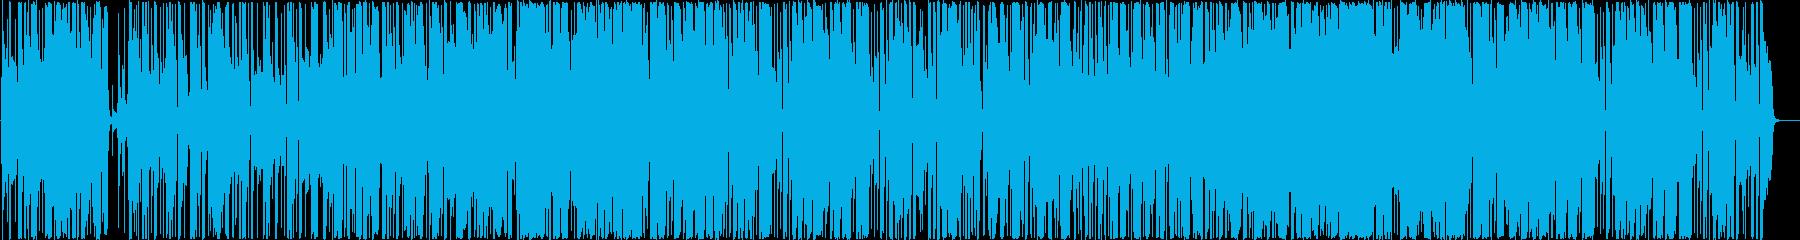 ハウスロック仕立てのガットギターサウンドの再生済みの波形